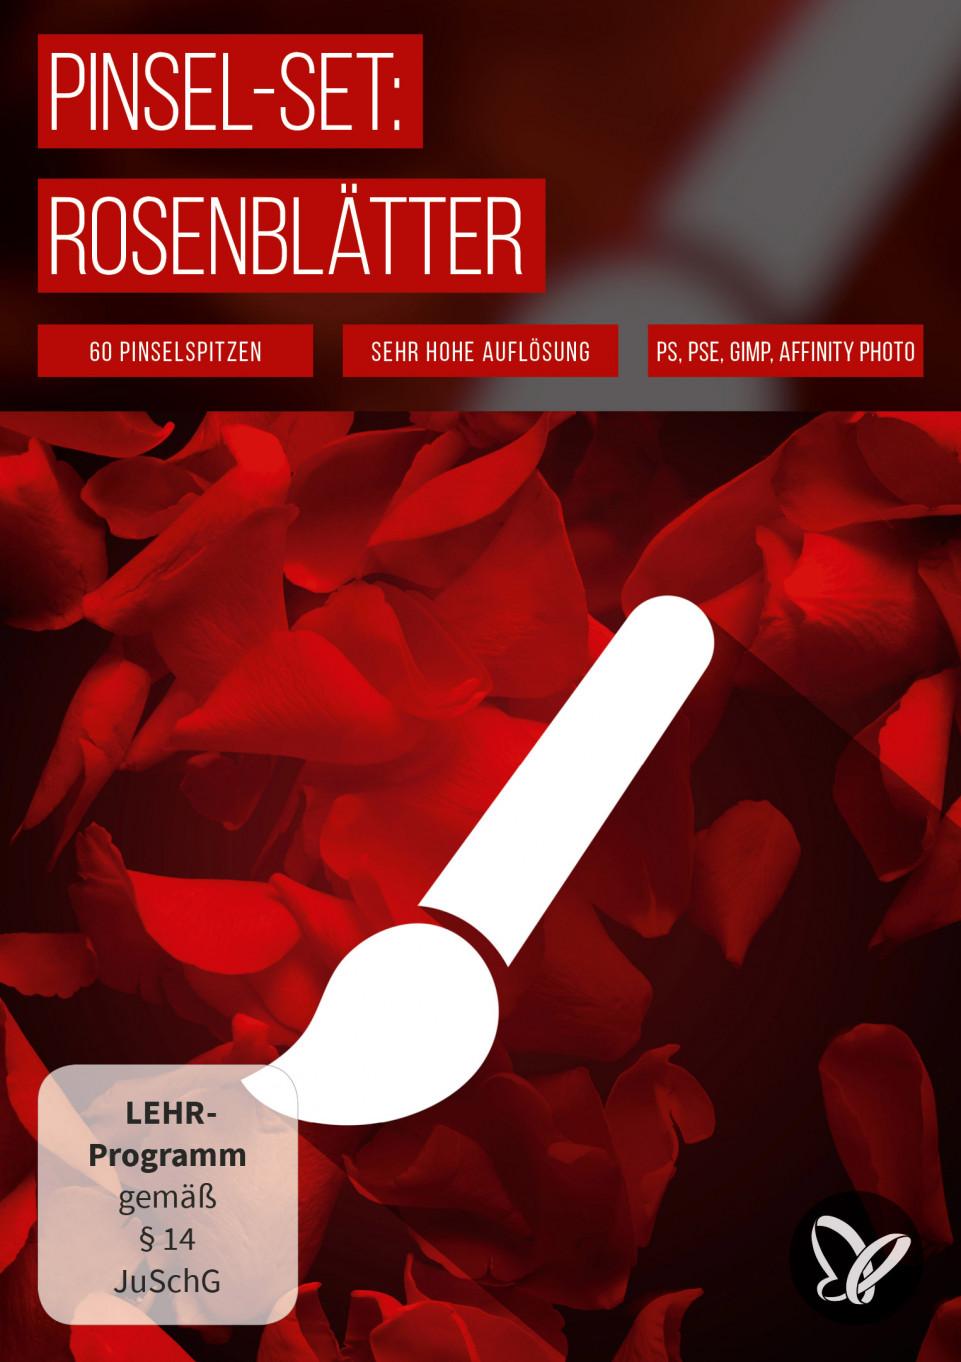 Pinselspitzen mit Rosenblättern für Photoshop und Co.